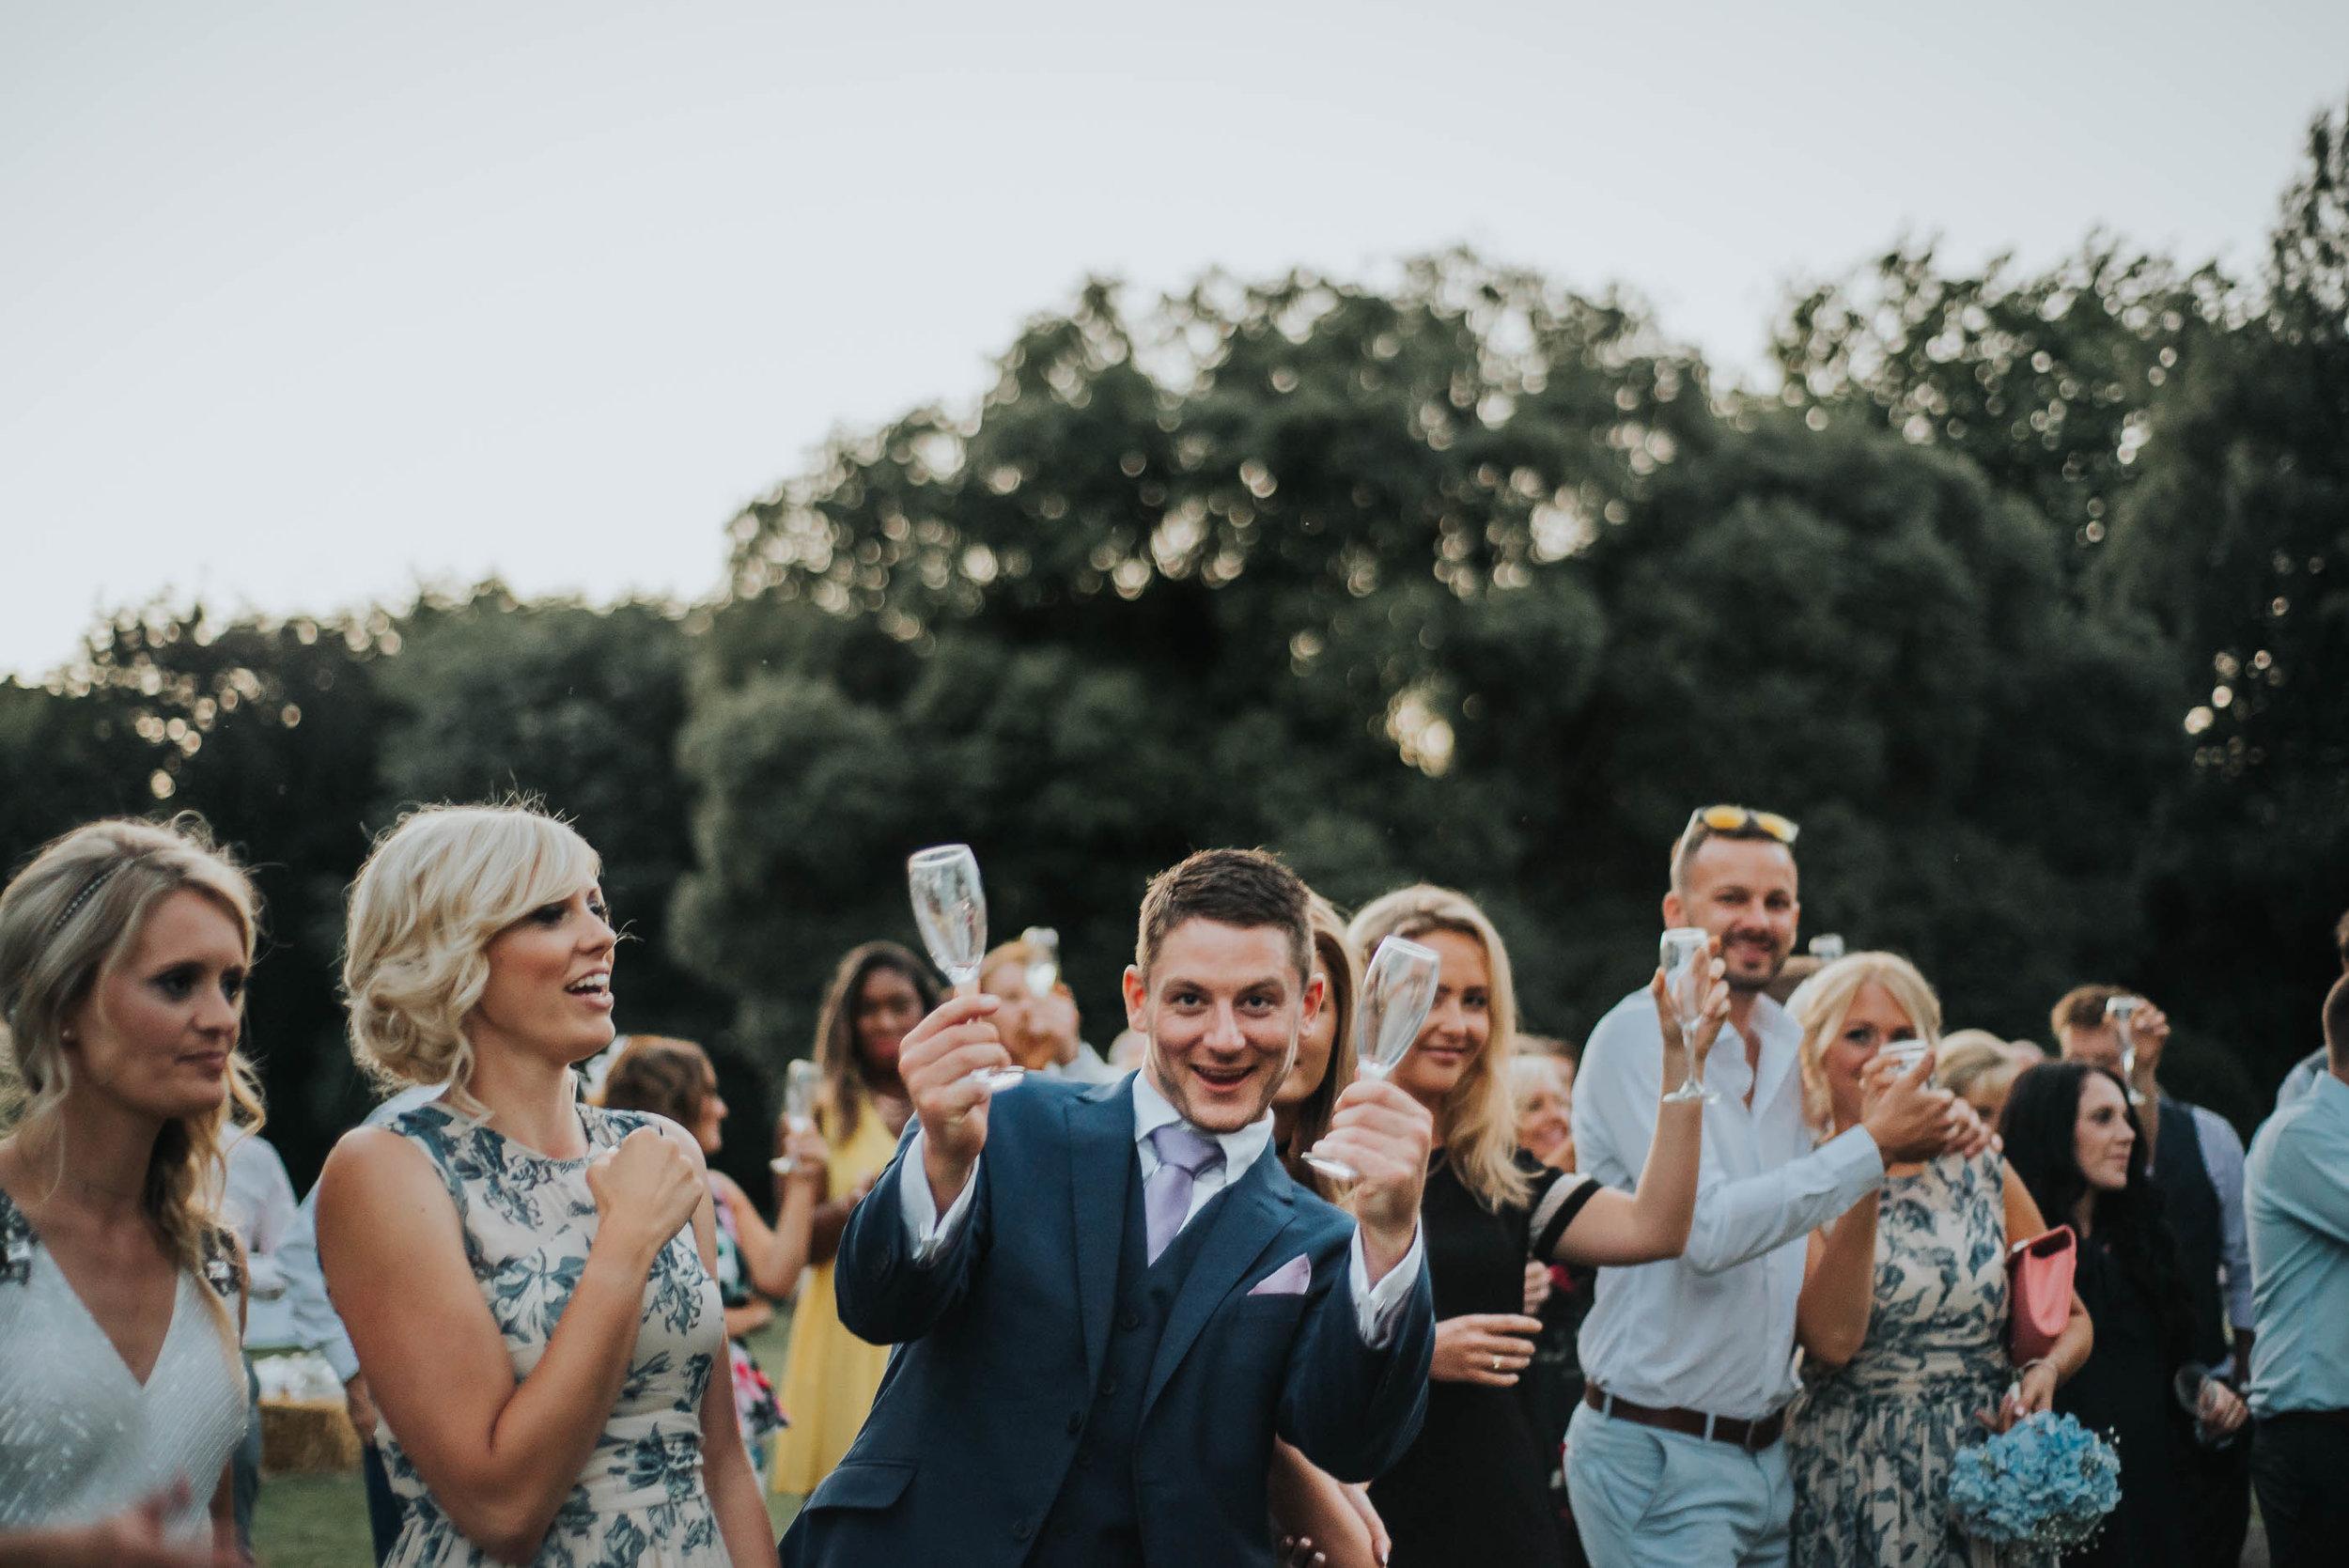 Creative Unique Wedding Photographer Essex Suffolk UK Wedding Photographer www.purplepeartreephotography.com (1017).JPG